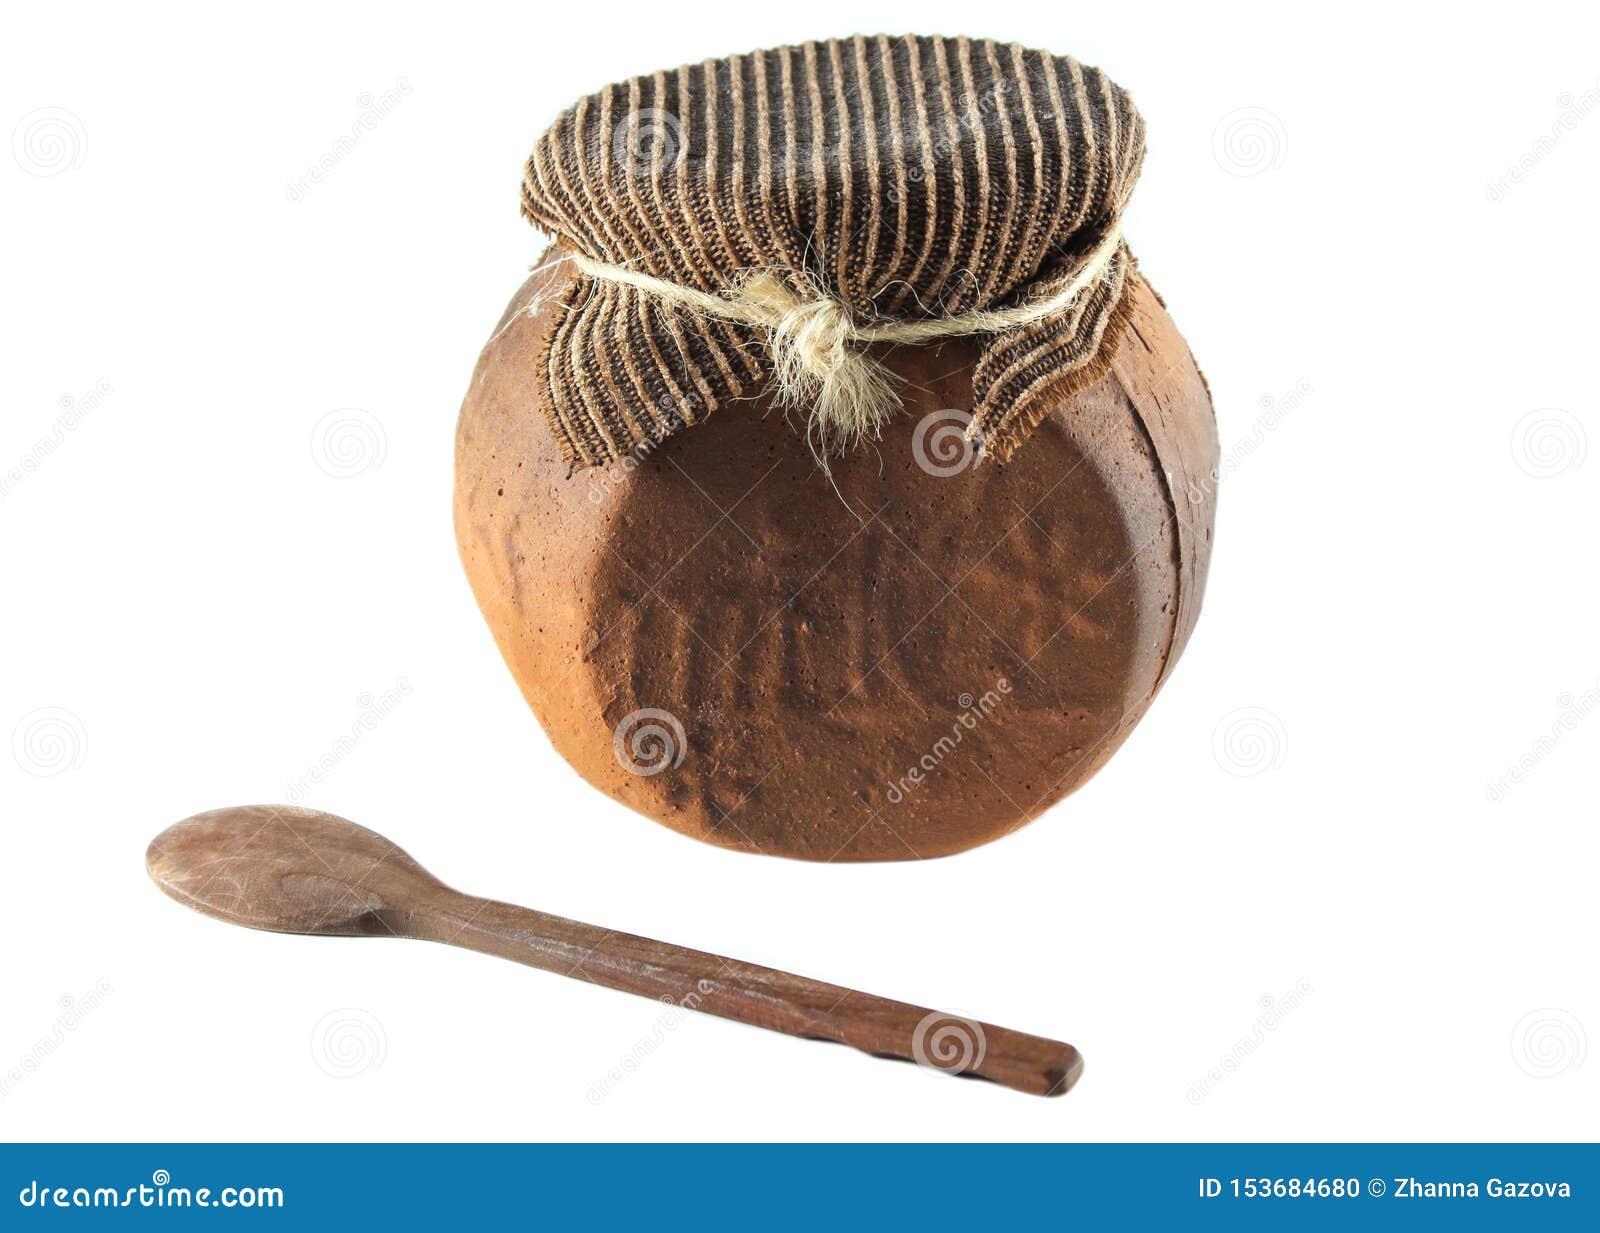 Potenci?metro cer?mico vitrificado para cozinhar com colher de madeira em um fundo branco